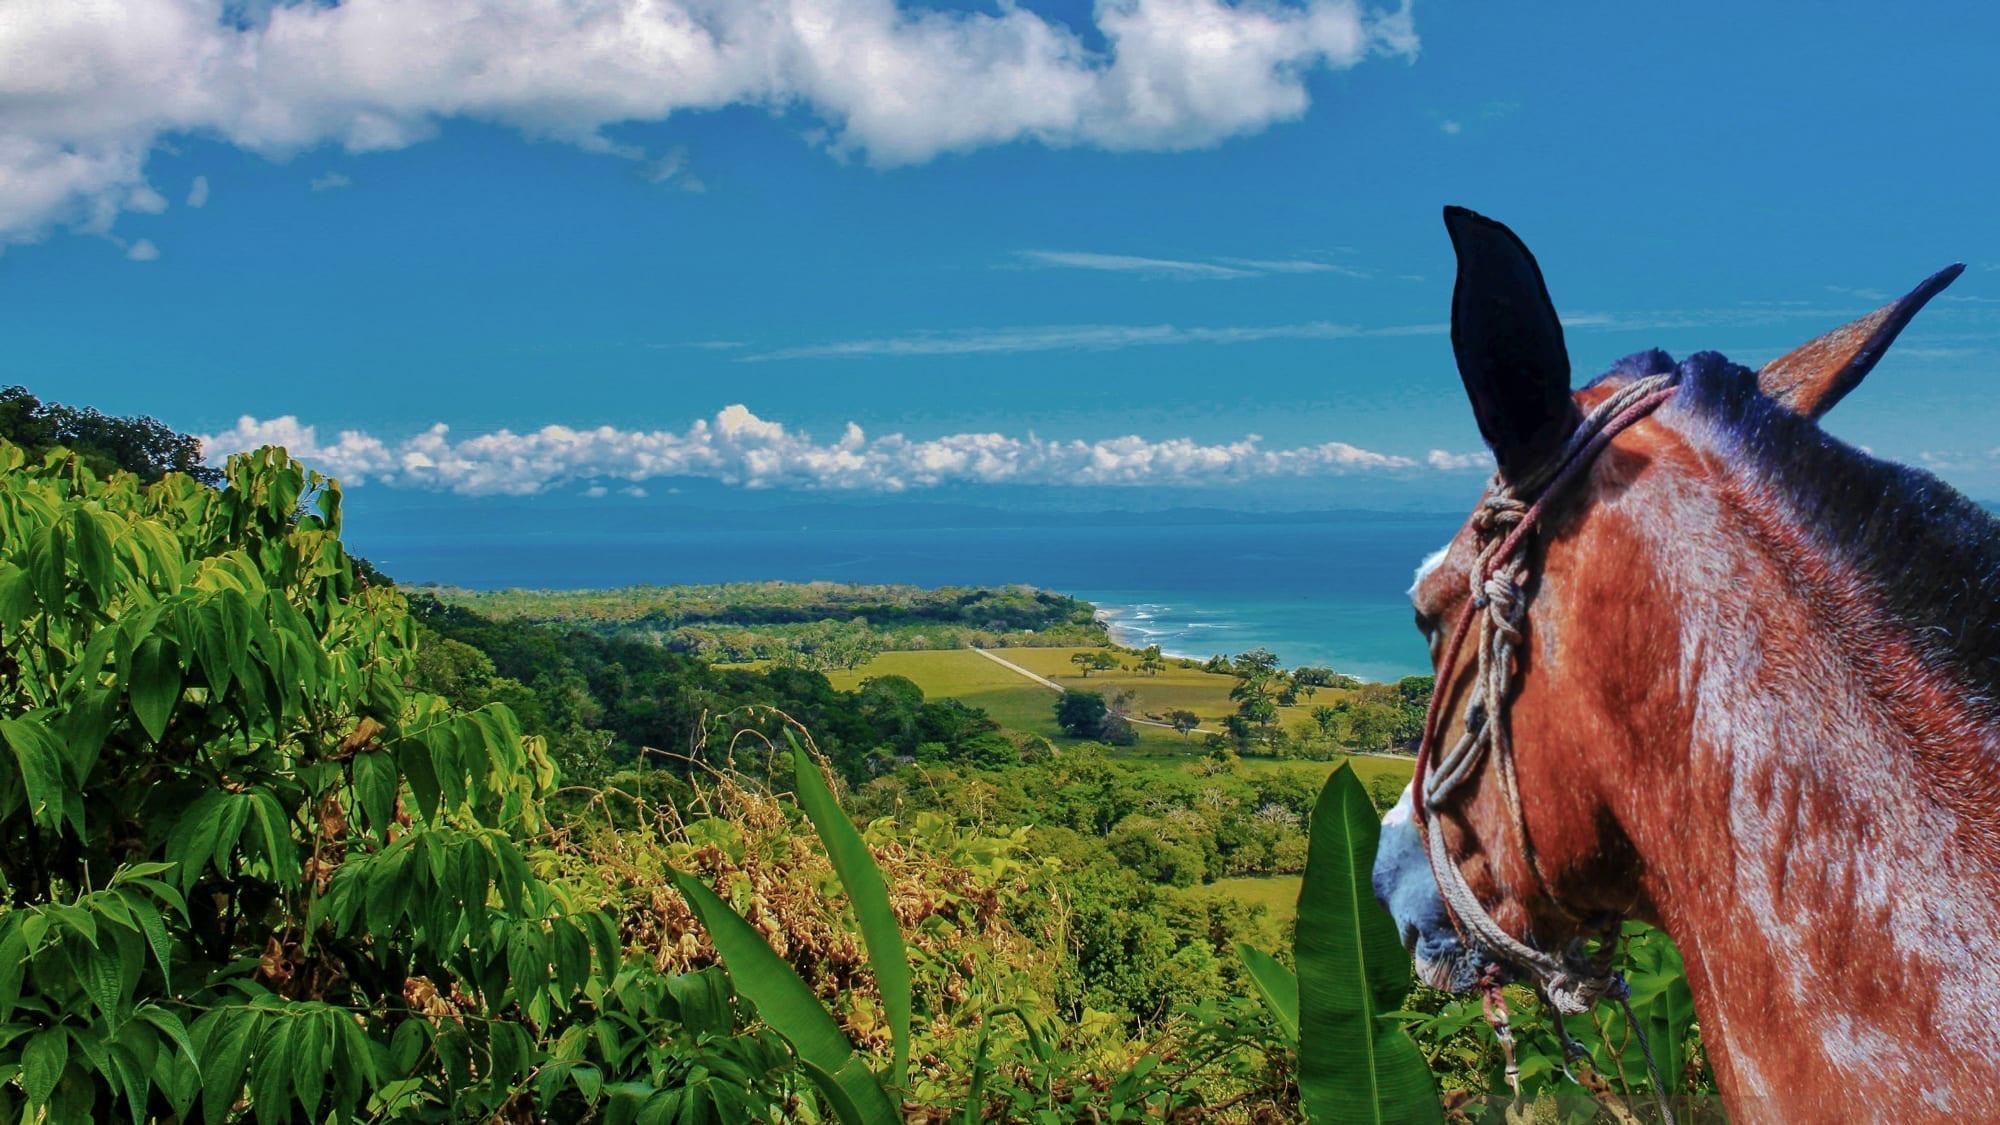 ¡Tour a caballo, rapel en catarata, escalada en árboles y mucho más!